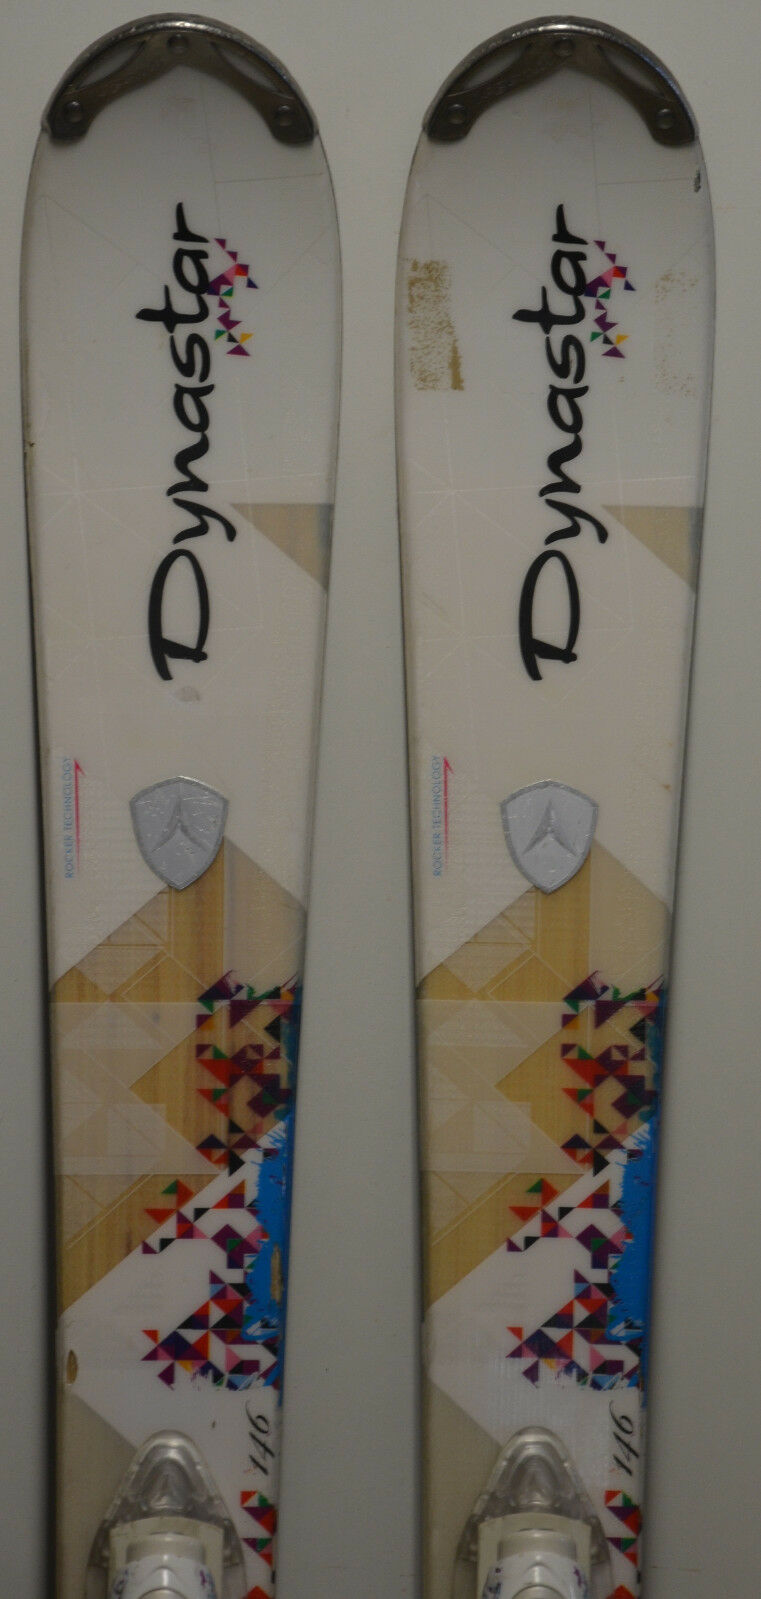 Esquís parabólico usado DYNAEstrella Exclusive Idyll - 146cm